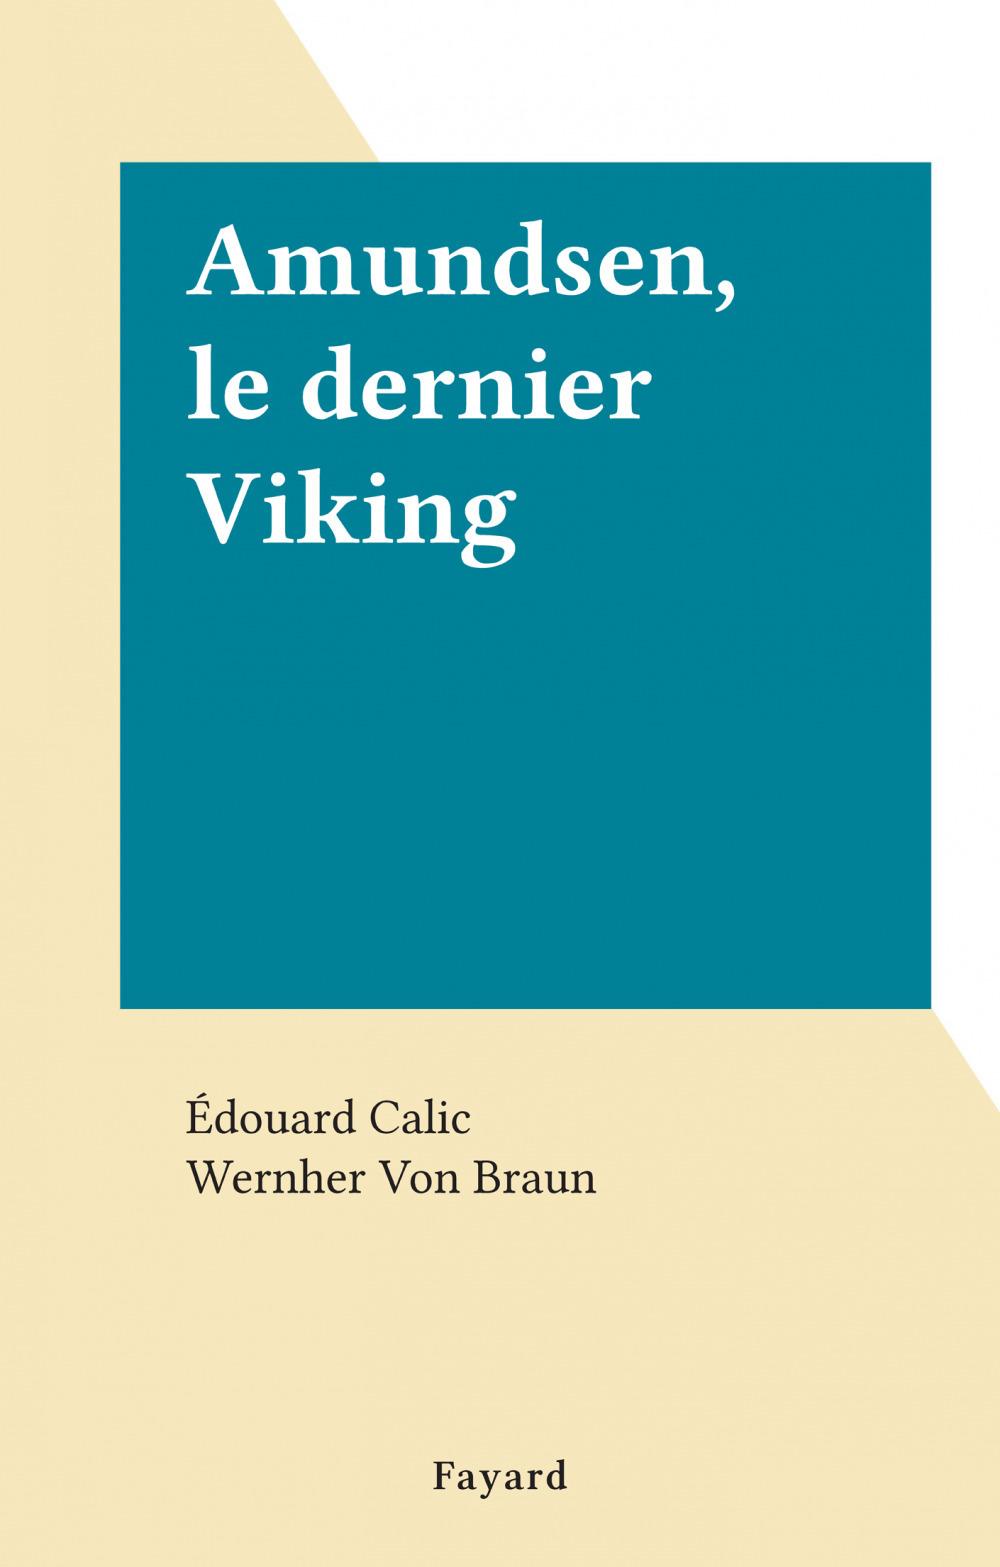 Amundsen, le dernier Viking  - Édouard Calic